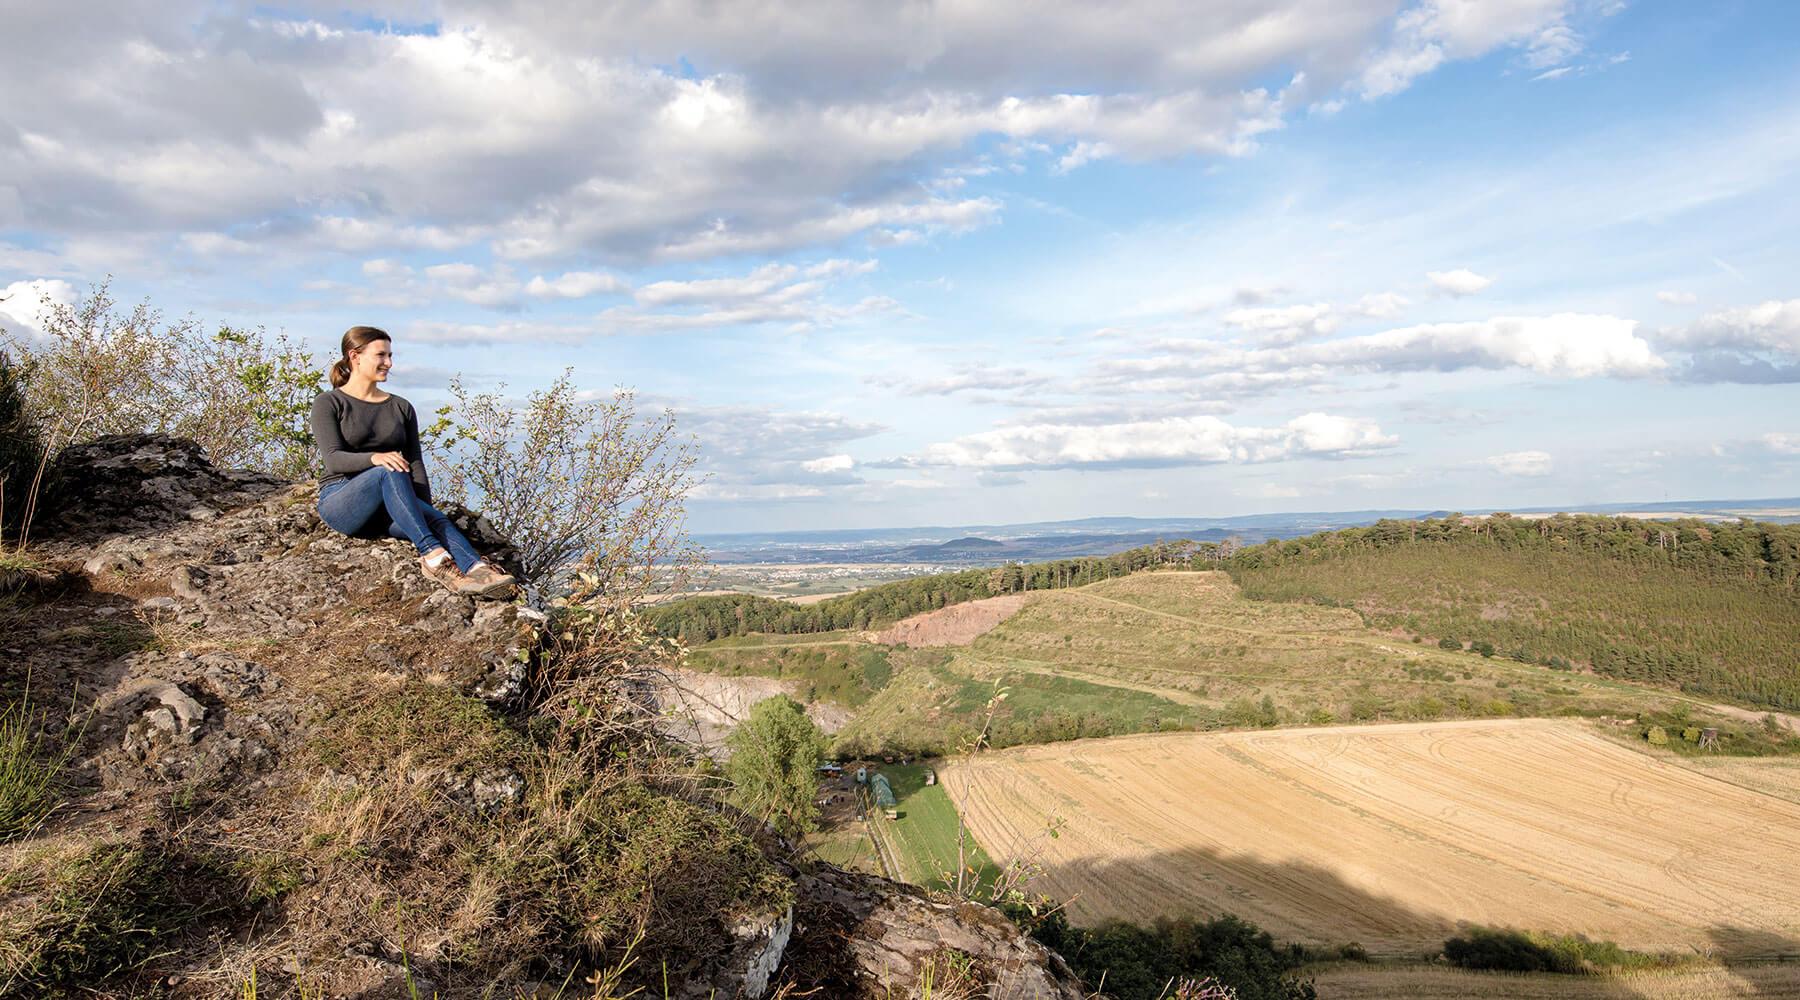 Vulkanpark Ettringer Bellerberg Eine Frau sitzt auf dem Gipfel des Ettringer Bellerbergs